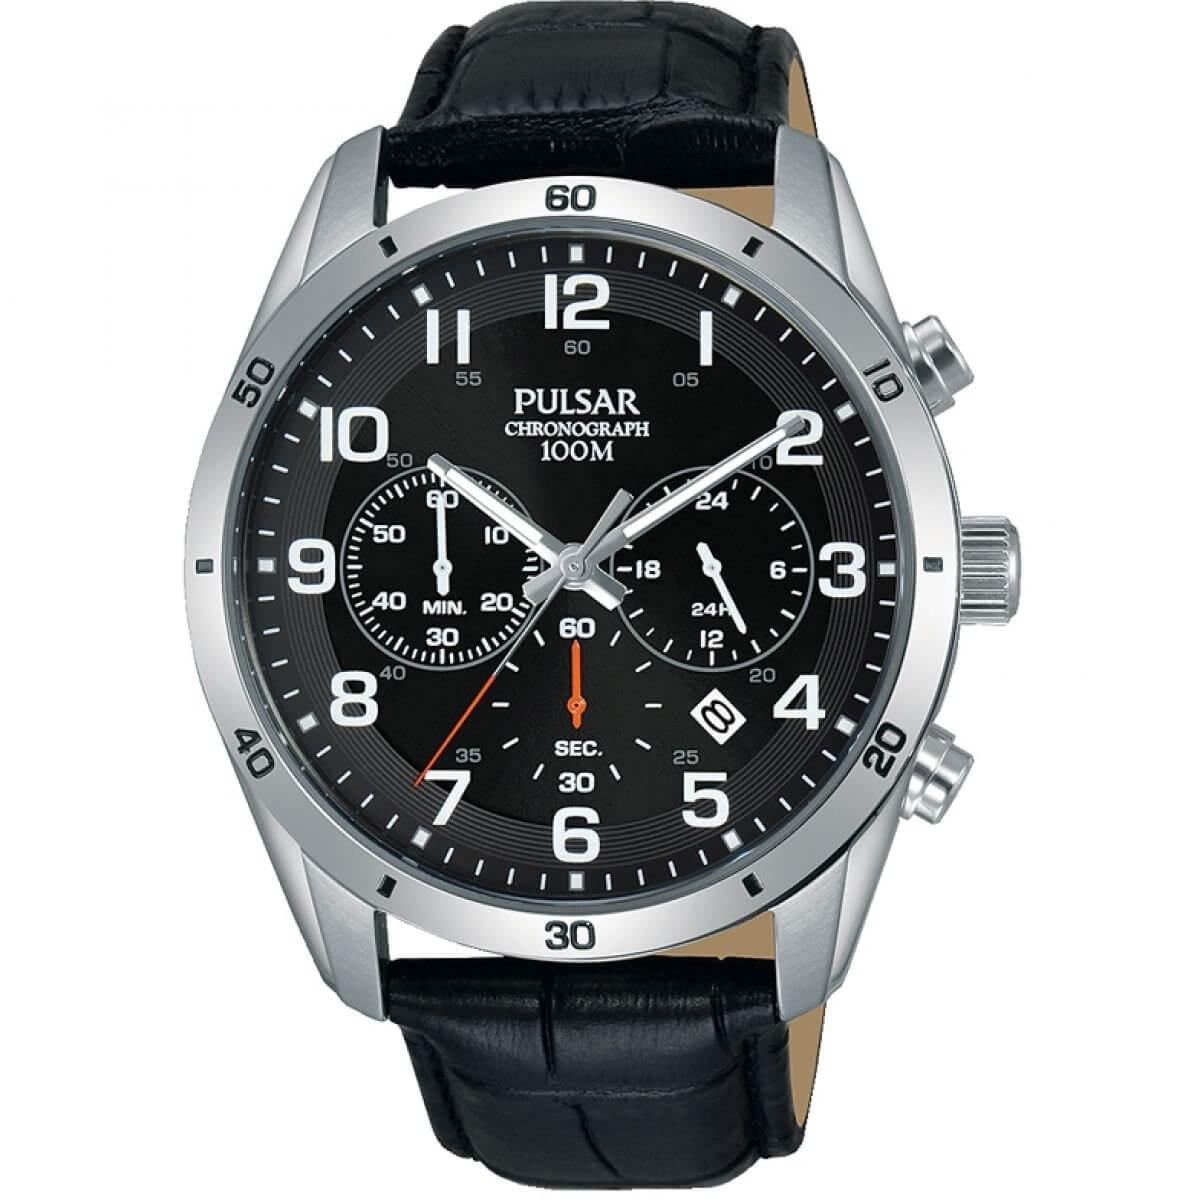 Zegarek męski Pulsar PU PT3833X1